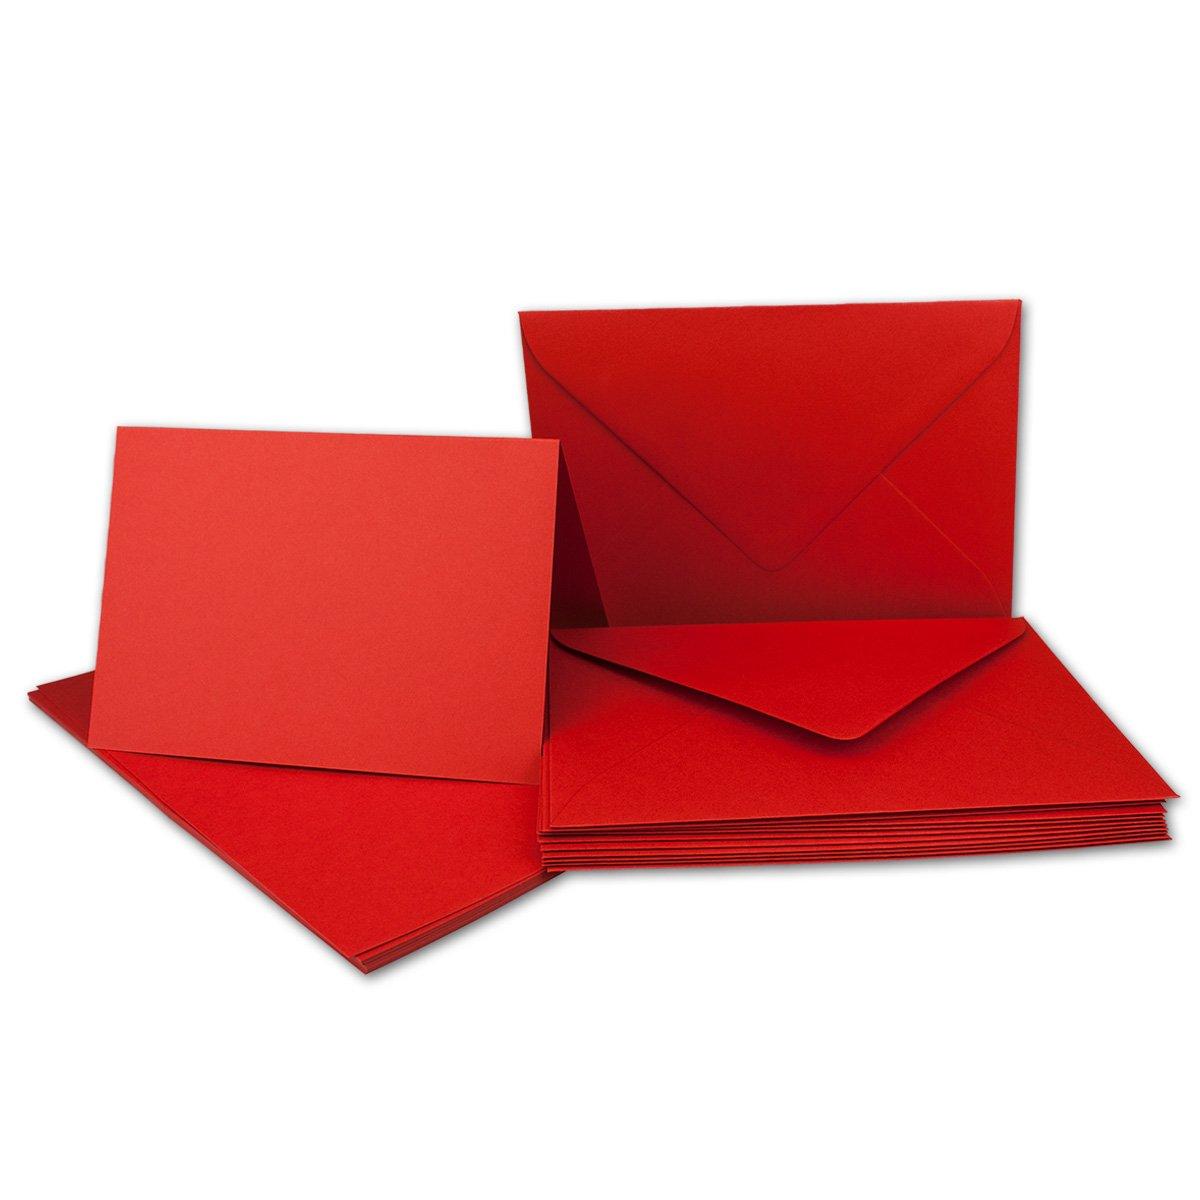 75 Sets - Faltkarten Hellgrau - Din A5  Umschläge Din C5 - Premium Qualität - Sehr formstabil - Qualitätsmarke  NEUSER FarbenFroh B07BSHRKZF | Ausgezeichnetes Preis